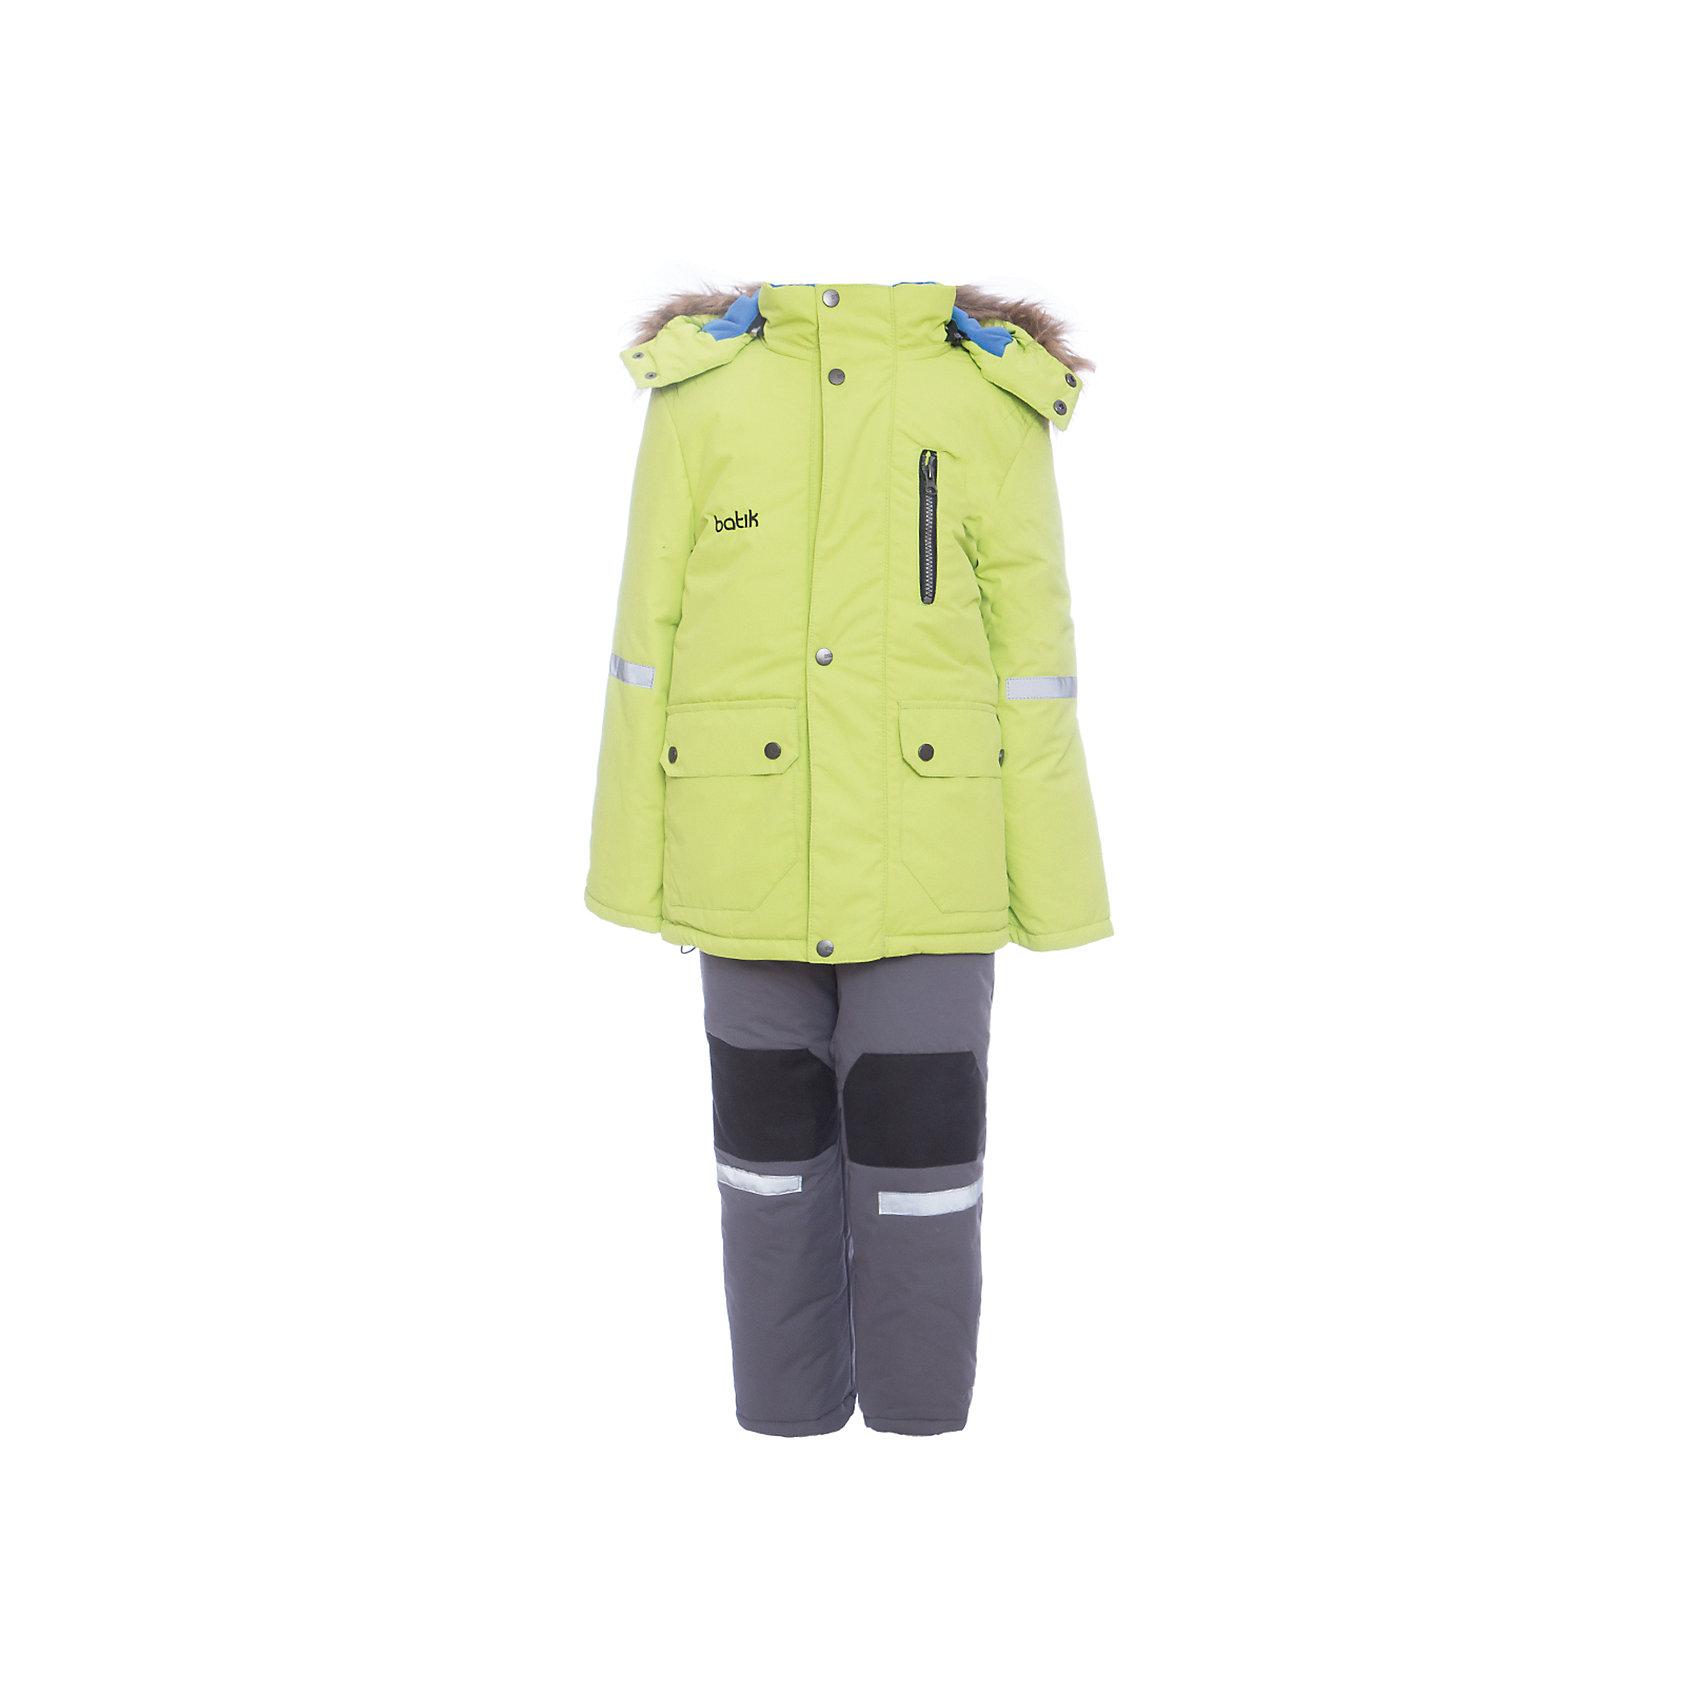 Комплект: куртка и полукомбенизон Артур Batik для мальчикаВерхняя одежда<br>Комплект: куртка и полукомбенизон Артур Batik для мальчика<br>Верхняя ткань обладает водоотталкивающими и ветрозащитными свойствами мембраны. Полукомбинезон с отстегивающимися лямками, имеются липучки для регулировки ширины низа брюк. Куртка на молнии с ветрозащитной планкой и юбкой внутри, светоотражающими элементами. Капюшон на молнии со съемной опушкой.<br>Состав:<br>Ткань верха - TASLON OXFORD;  Утеплитель - Слайтекс 300;  Подкладка - Полар флис;<br><br>Ширина мм: 356<br>Глубина мм: 10<br>Высота мм: 245<br>Вес г: 519<br>Цвет: зеленый<br>Возраст от месяцев: 72<br>Возраст до месяцев: 84<br>Пол: Мужской<br>Возраст: Детский<br>Размер: 122,104,110,116<br>SKU: 7028013